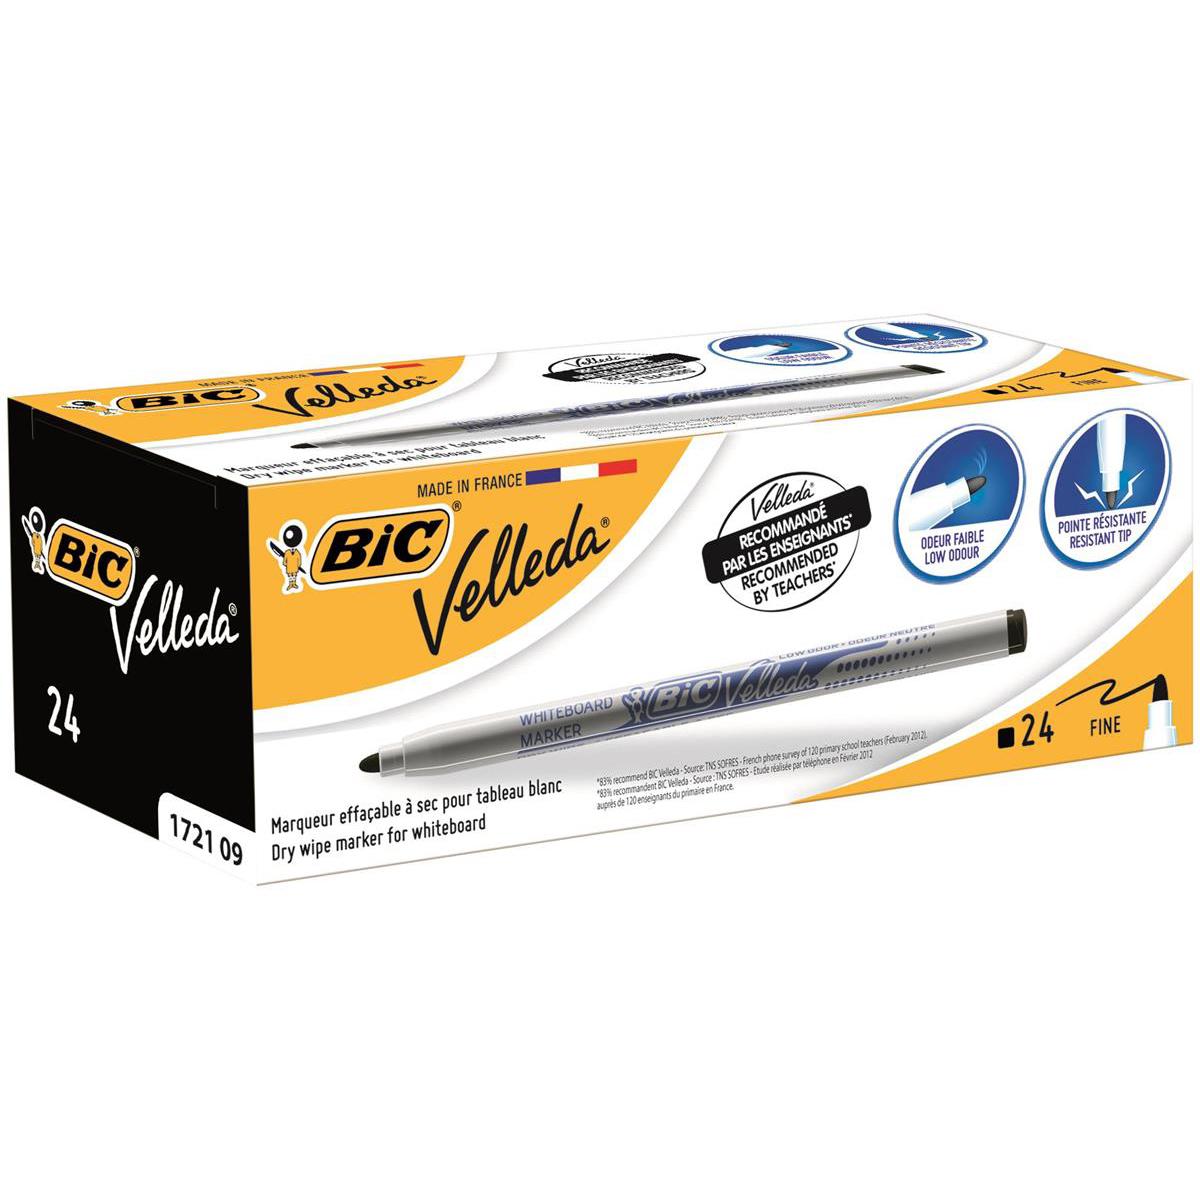 Bic Velleda Drywipe Marker 1721 Bullet Tip 1.5mm Line Black Ref 841842 Pack 24